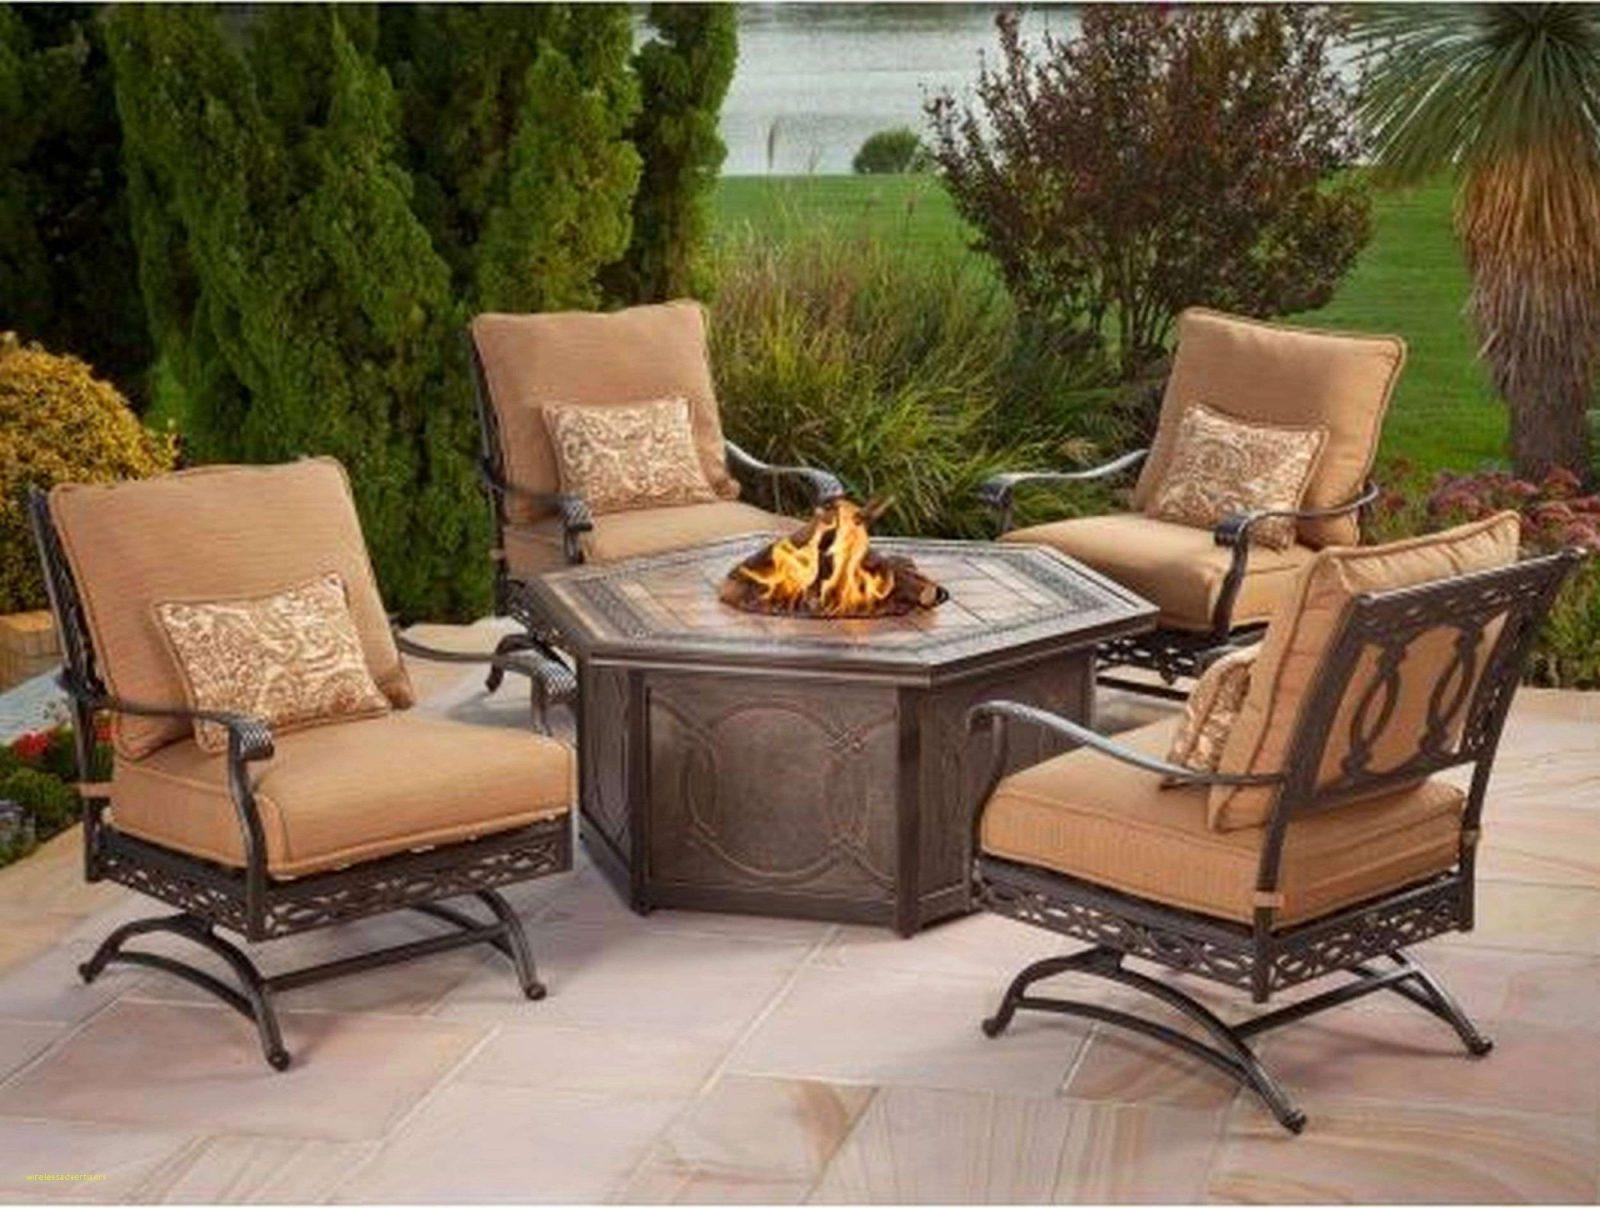 Garten Loungembel Set Simple Mehr Sicherheit Und Komfort Mit With von Garten Lounge Set Gebraucht Photo